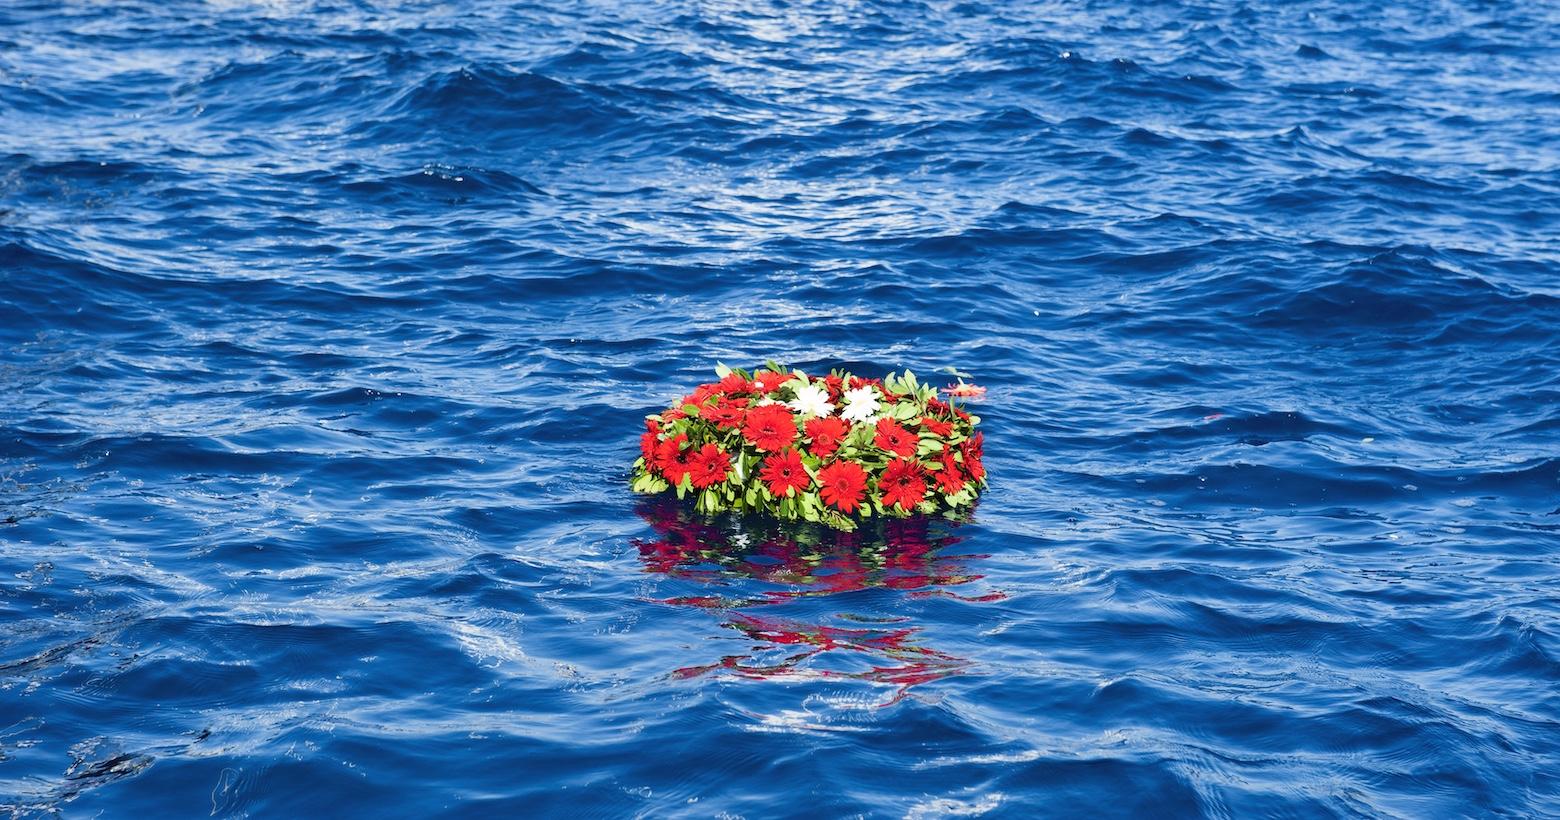 Eine Seebestattung: Ein Blumenkranz schwimmt auf dem Meer.